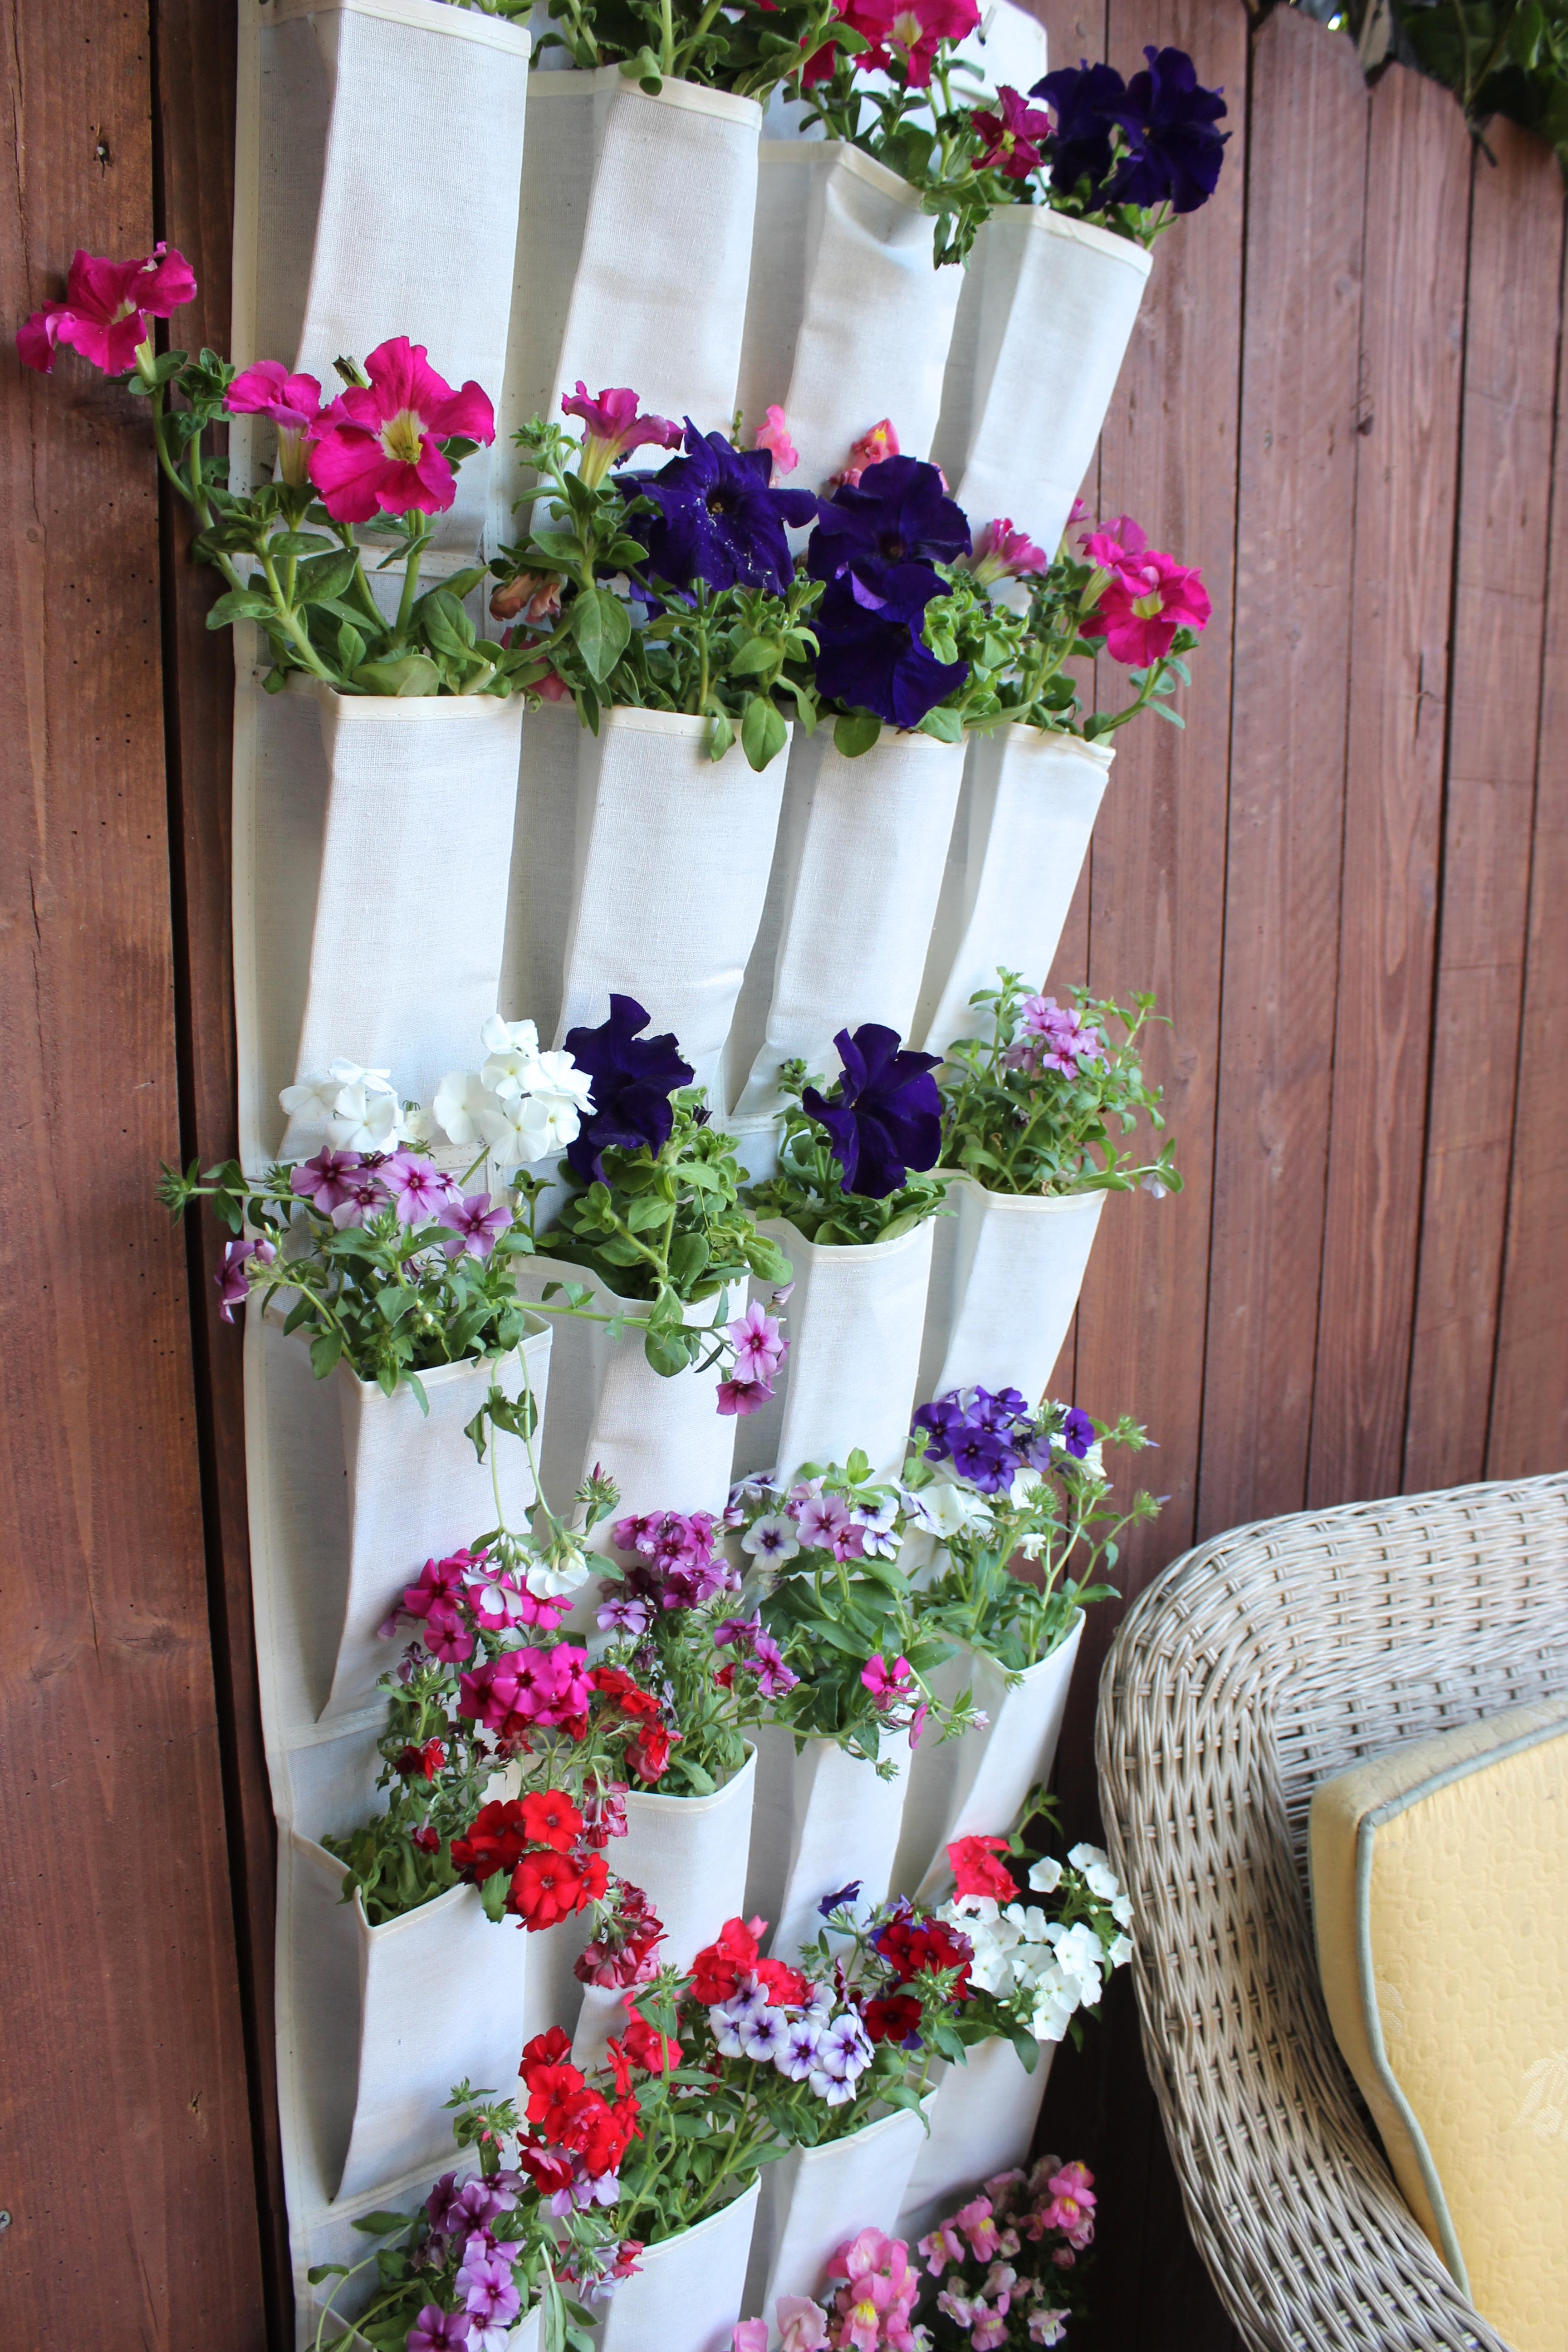 DIY Hanging Garden Video